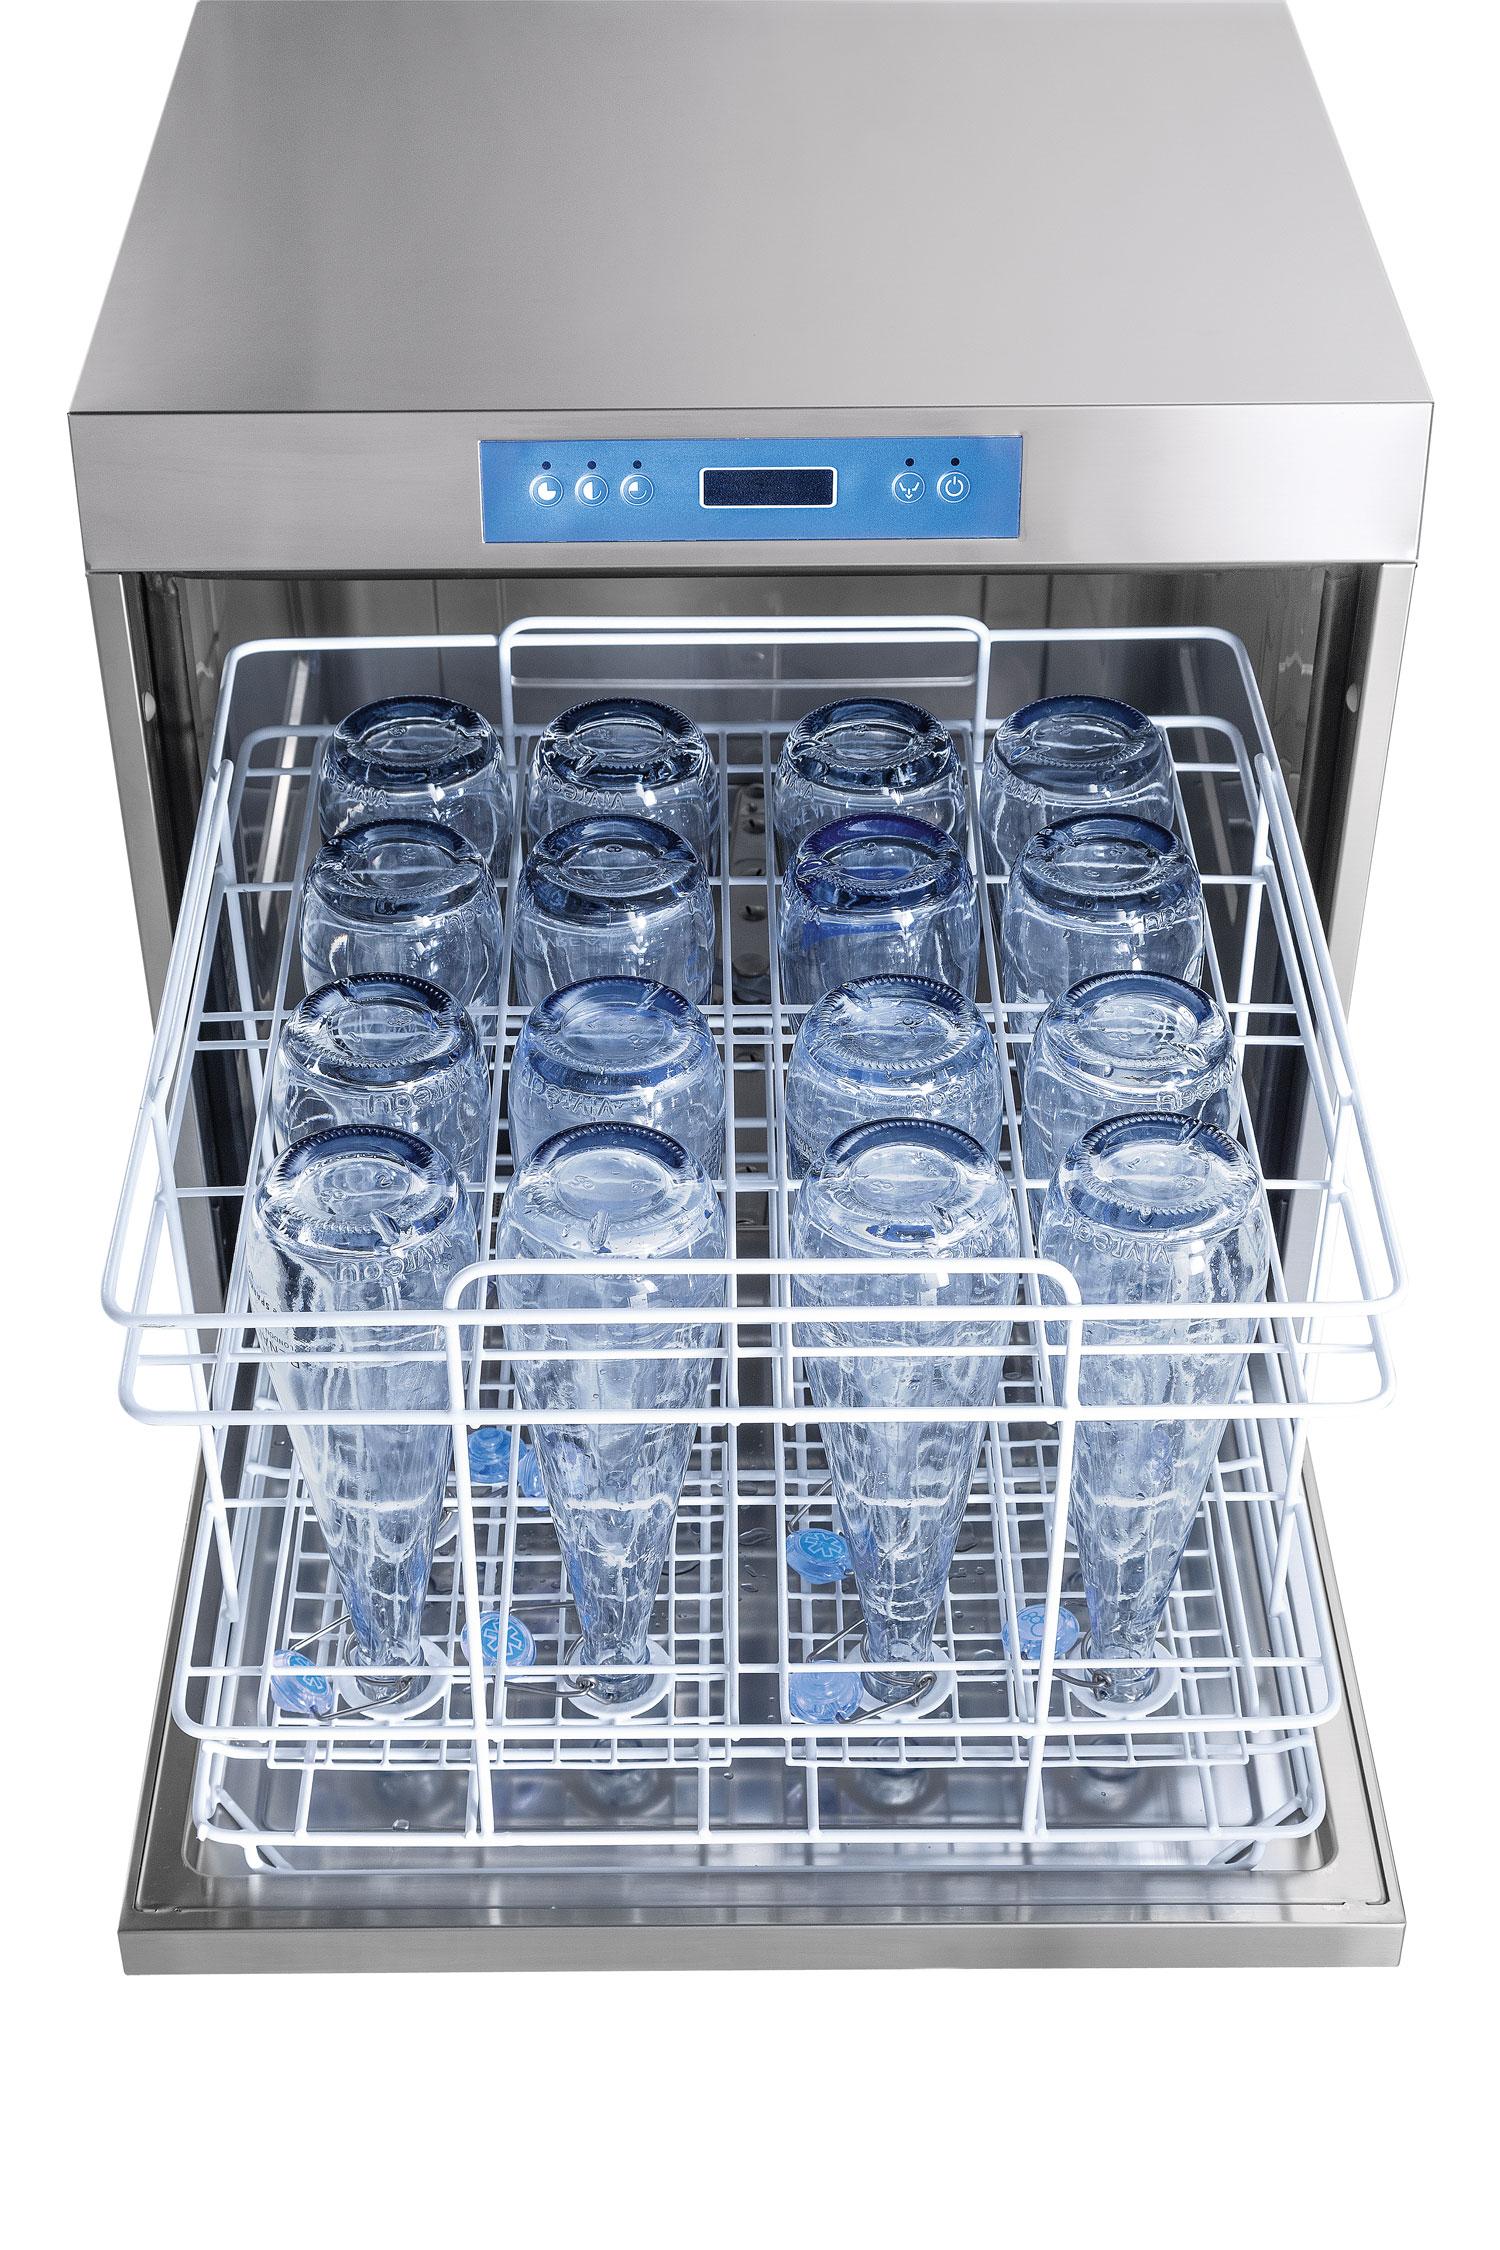 Commercial Dishwasher Rack